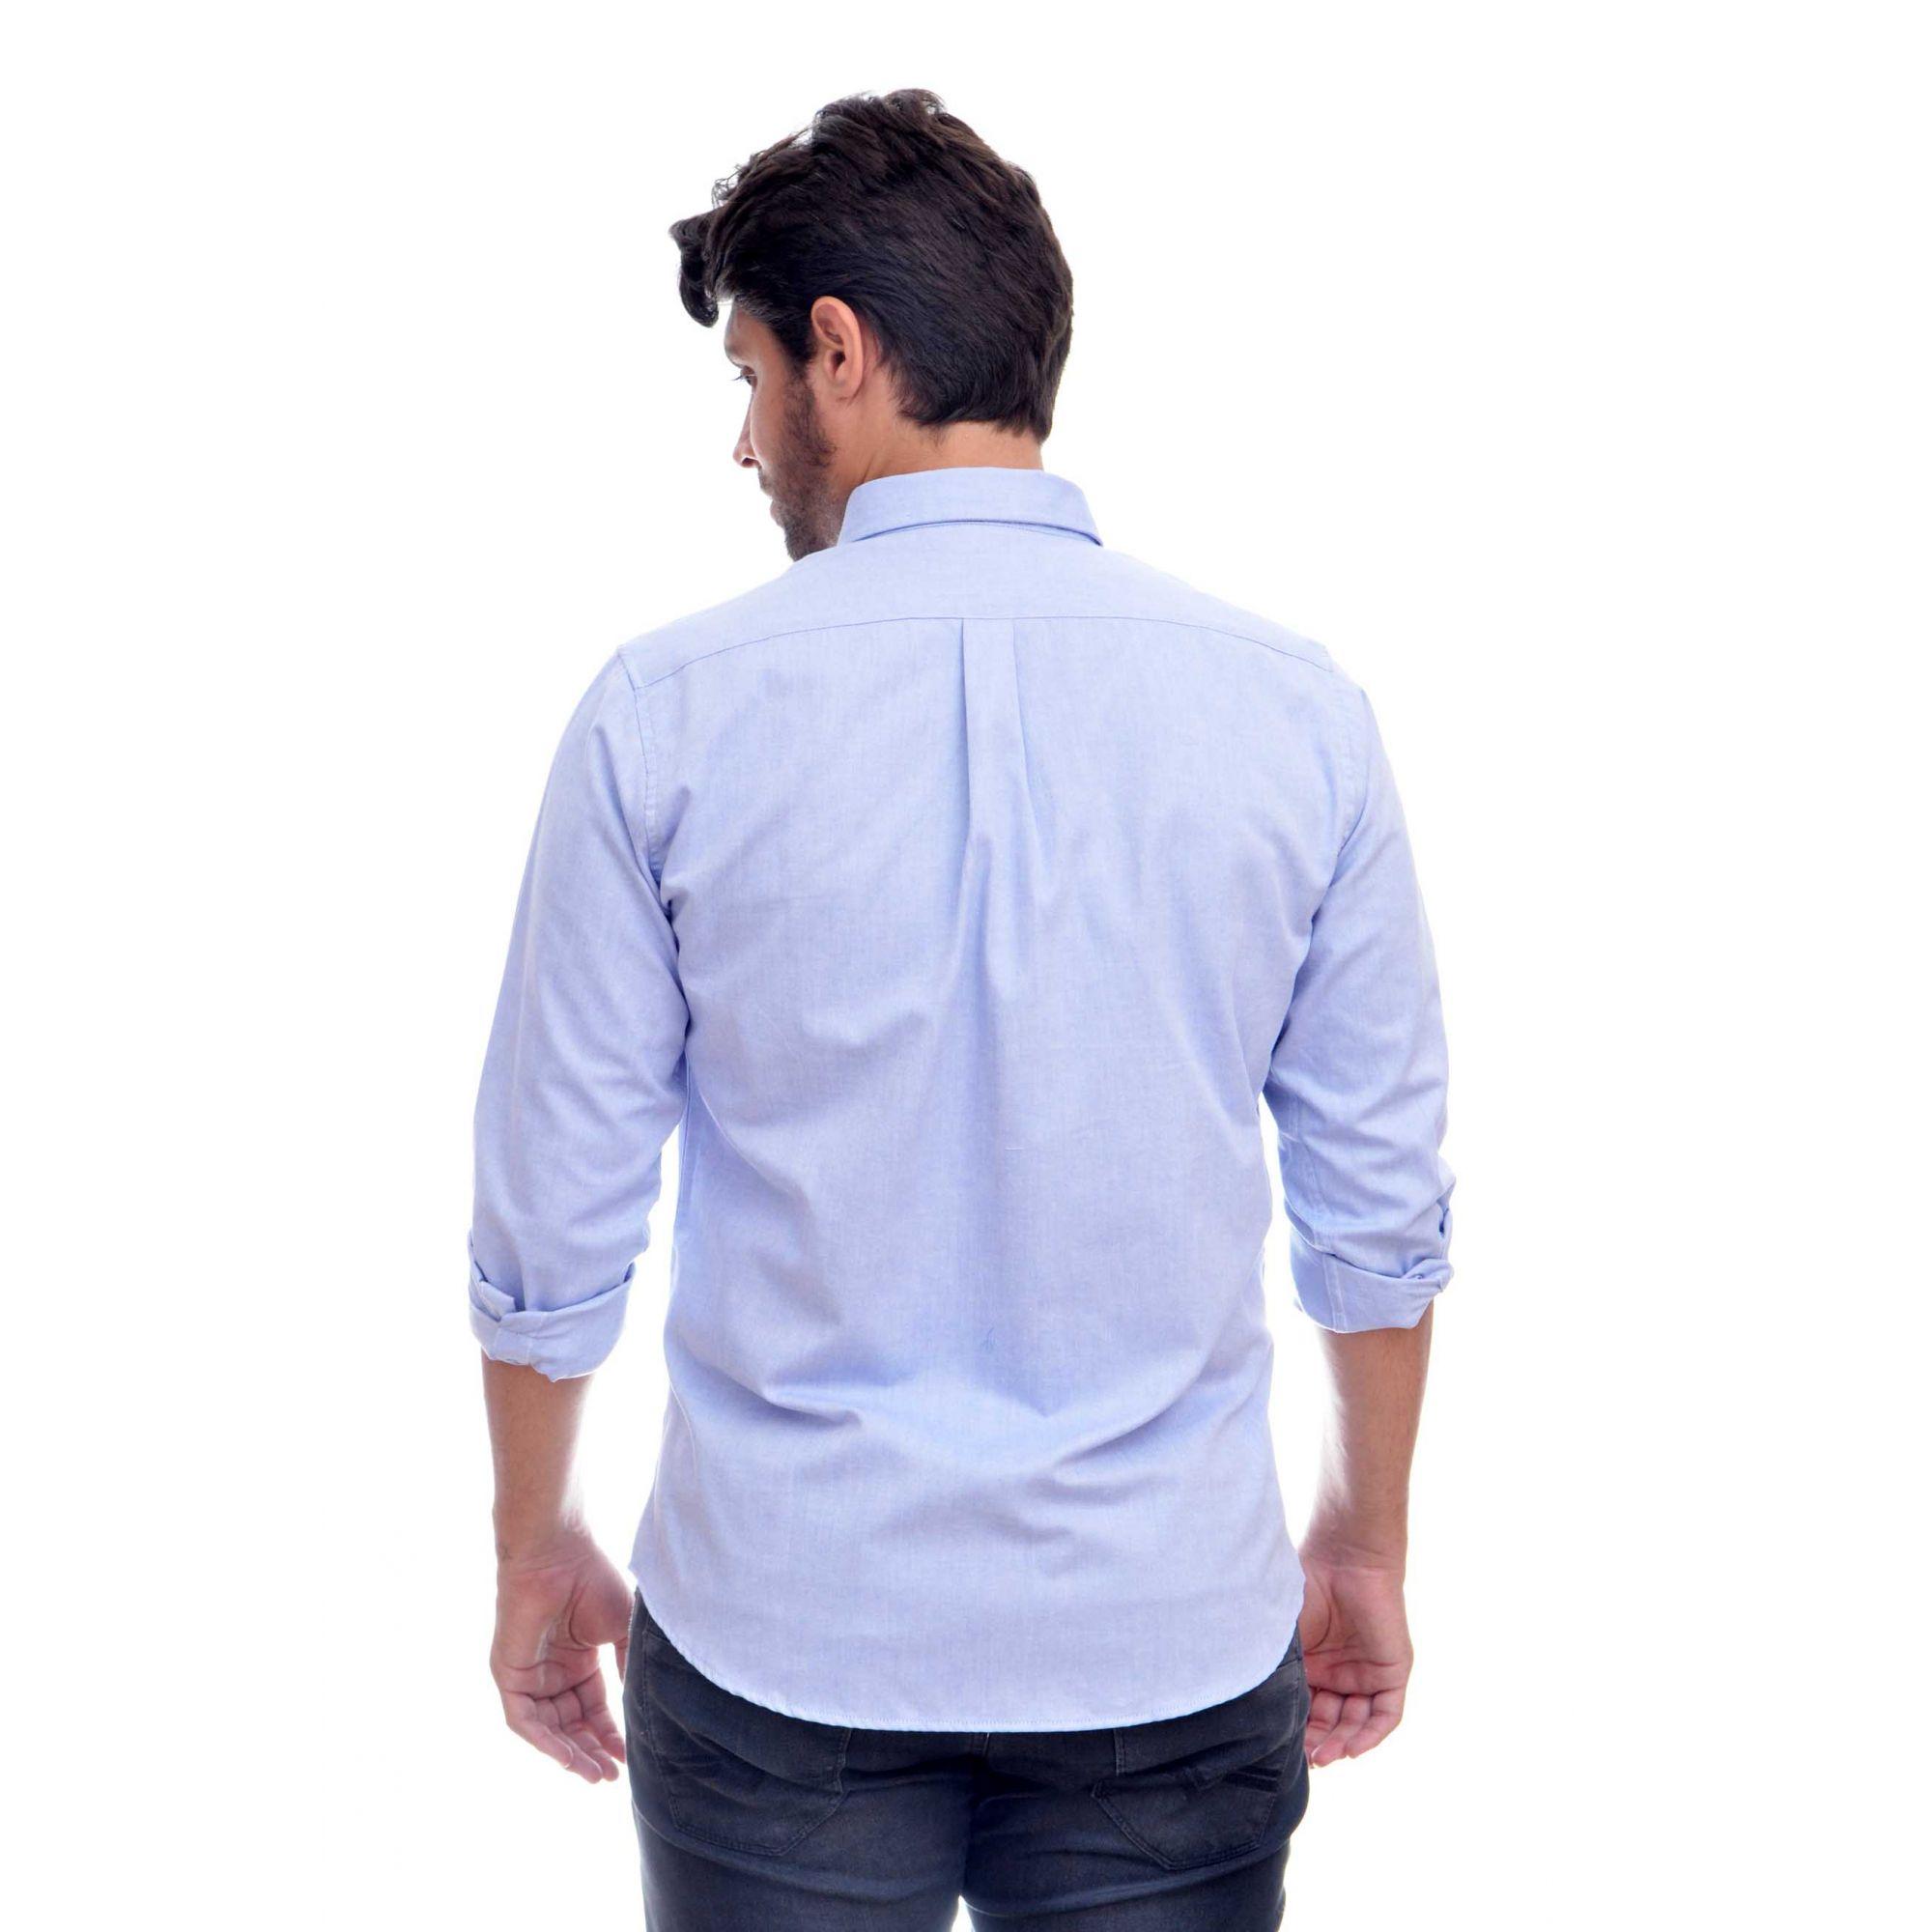 Camisa Social RL Oxford Azul Claro Colored  - Ca Brasileira